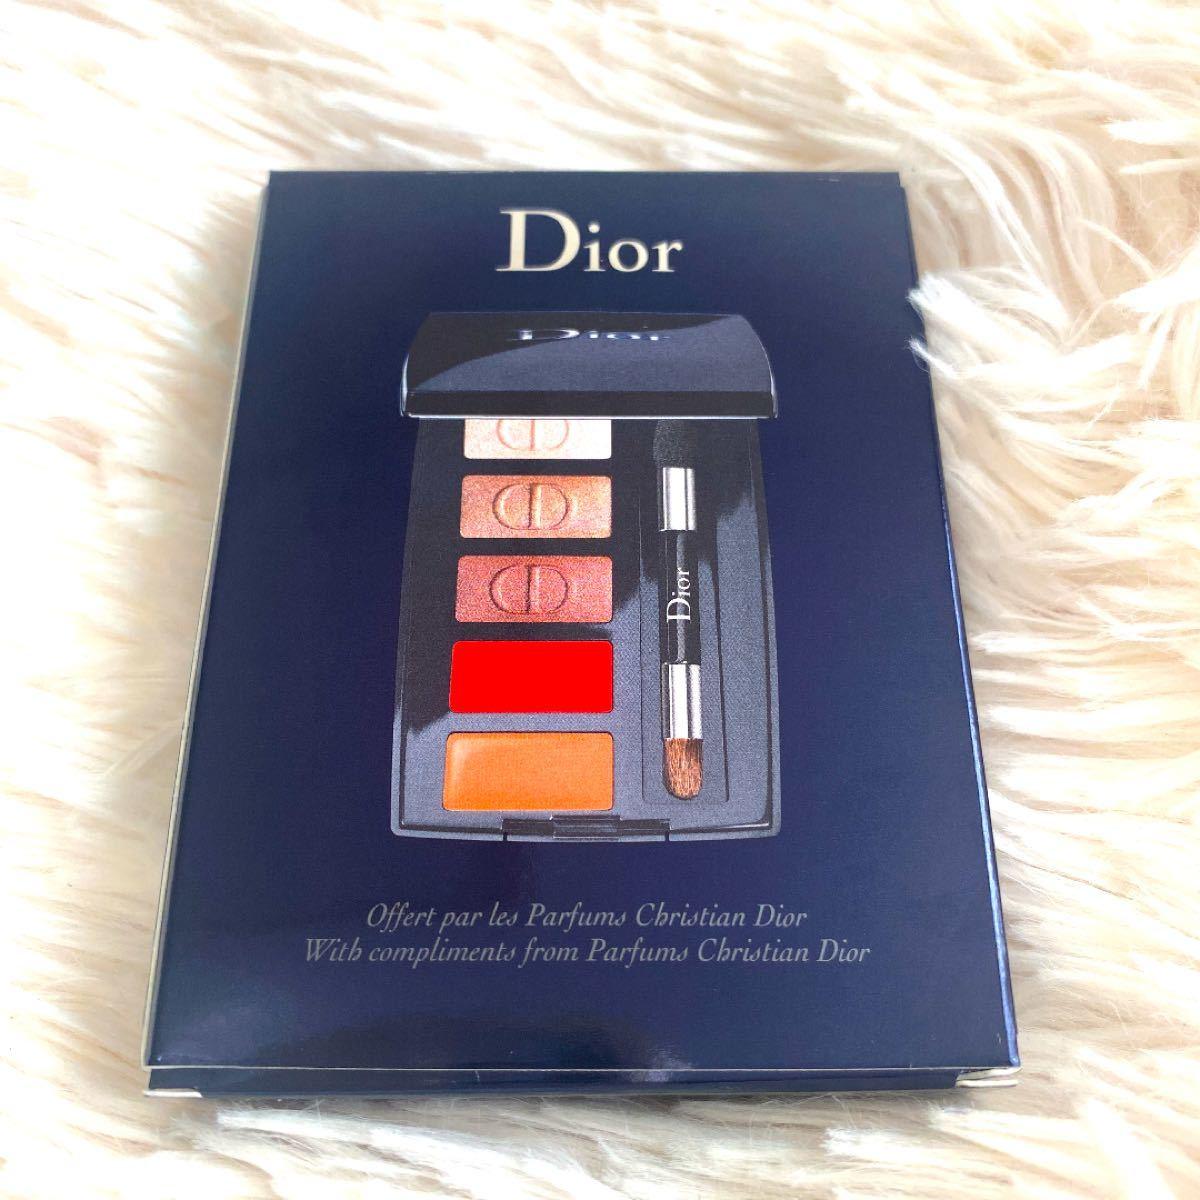 ディオール メイクパレット アイシャドウ&リップ 新品未使用 Dior